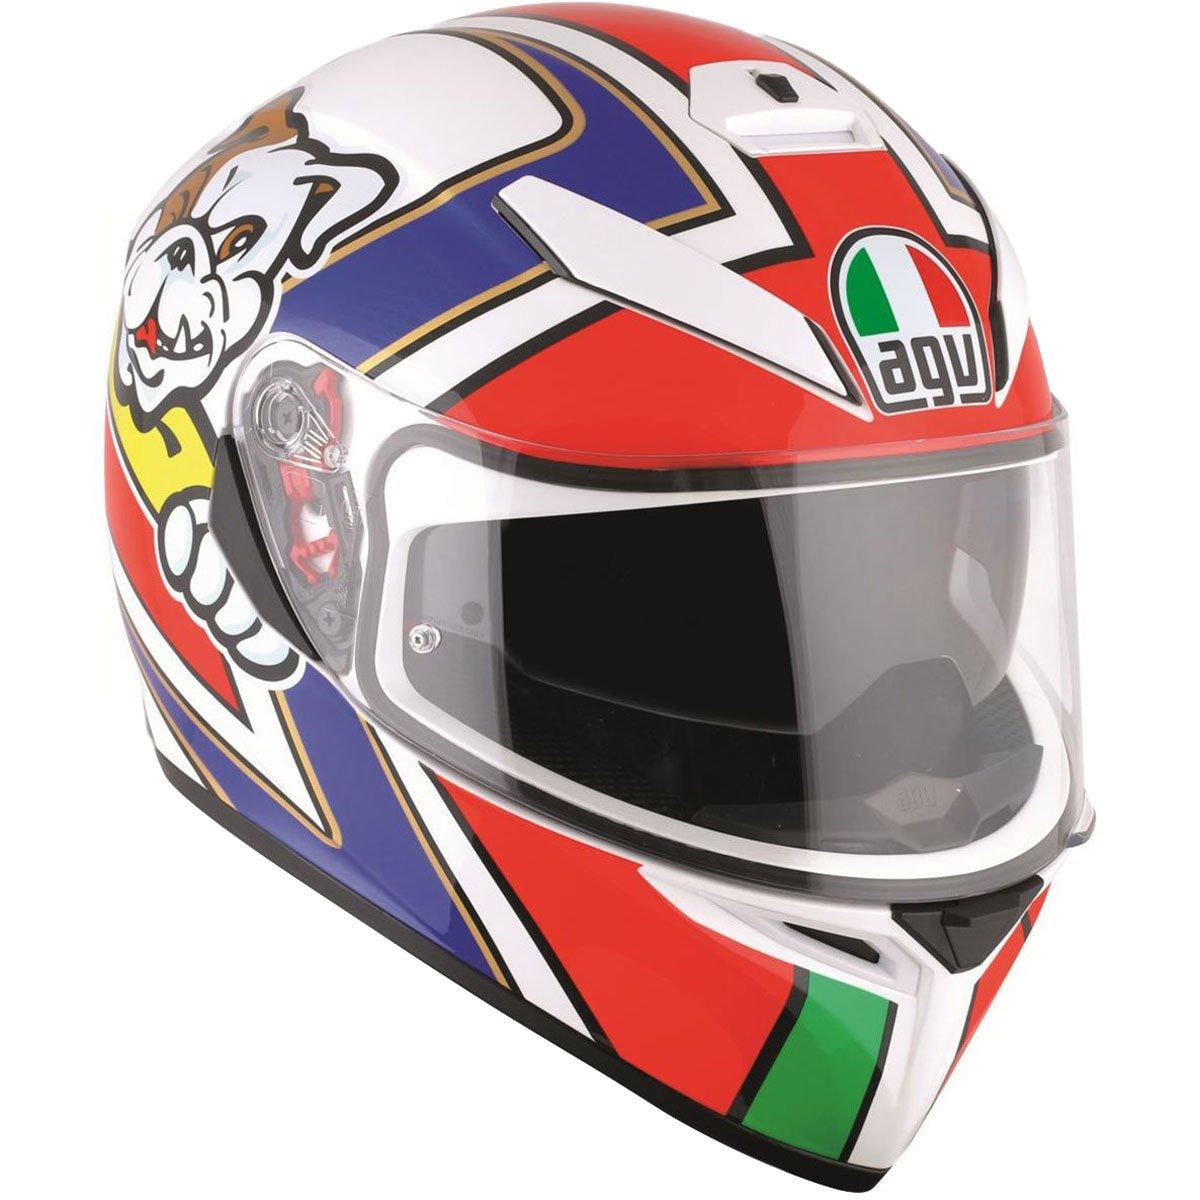 AGV Unisex K3 SV Adult Helmet-Marini/Small (Multi